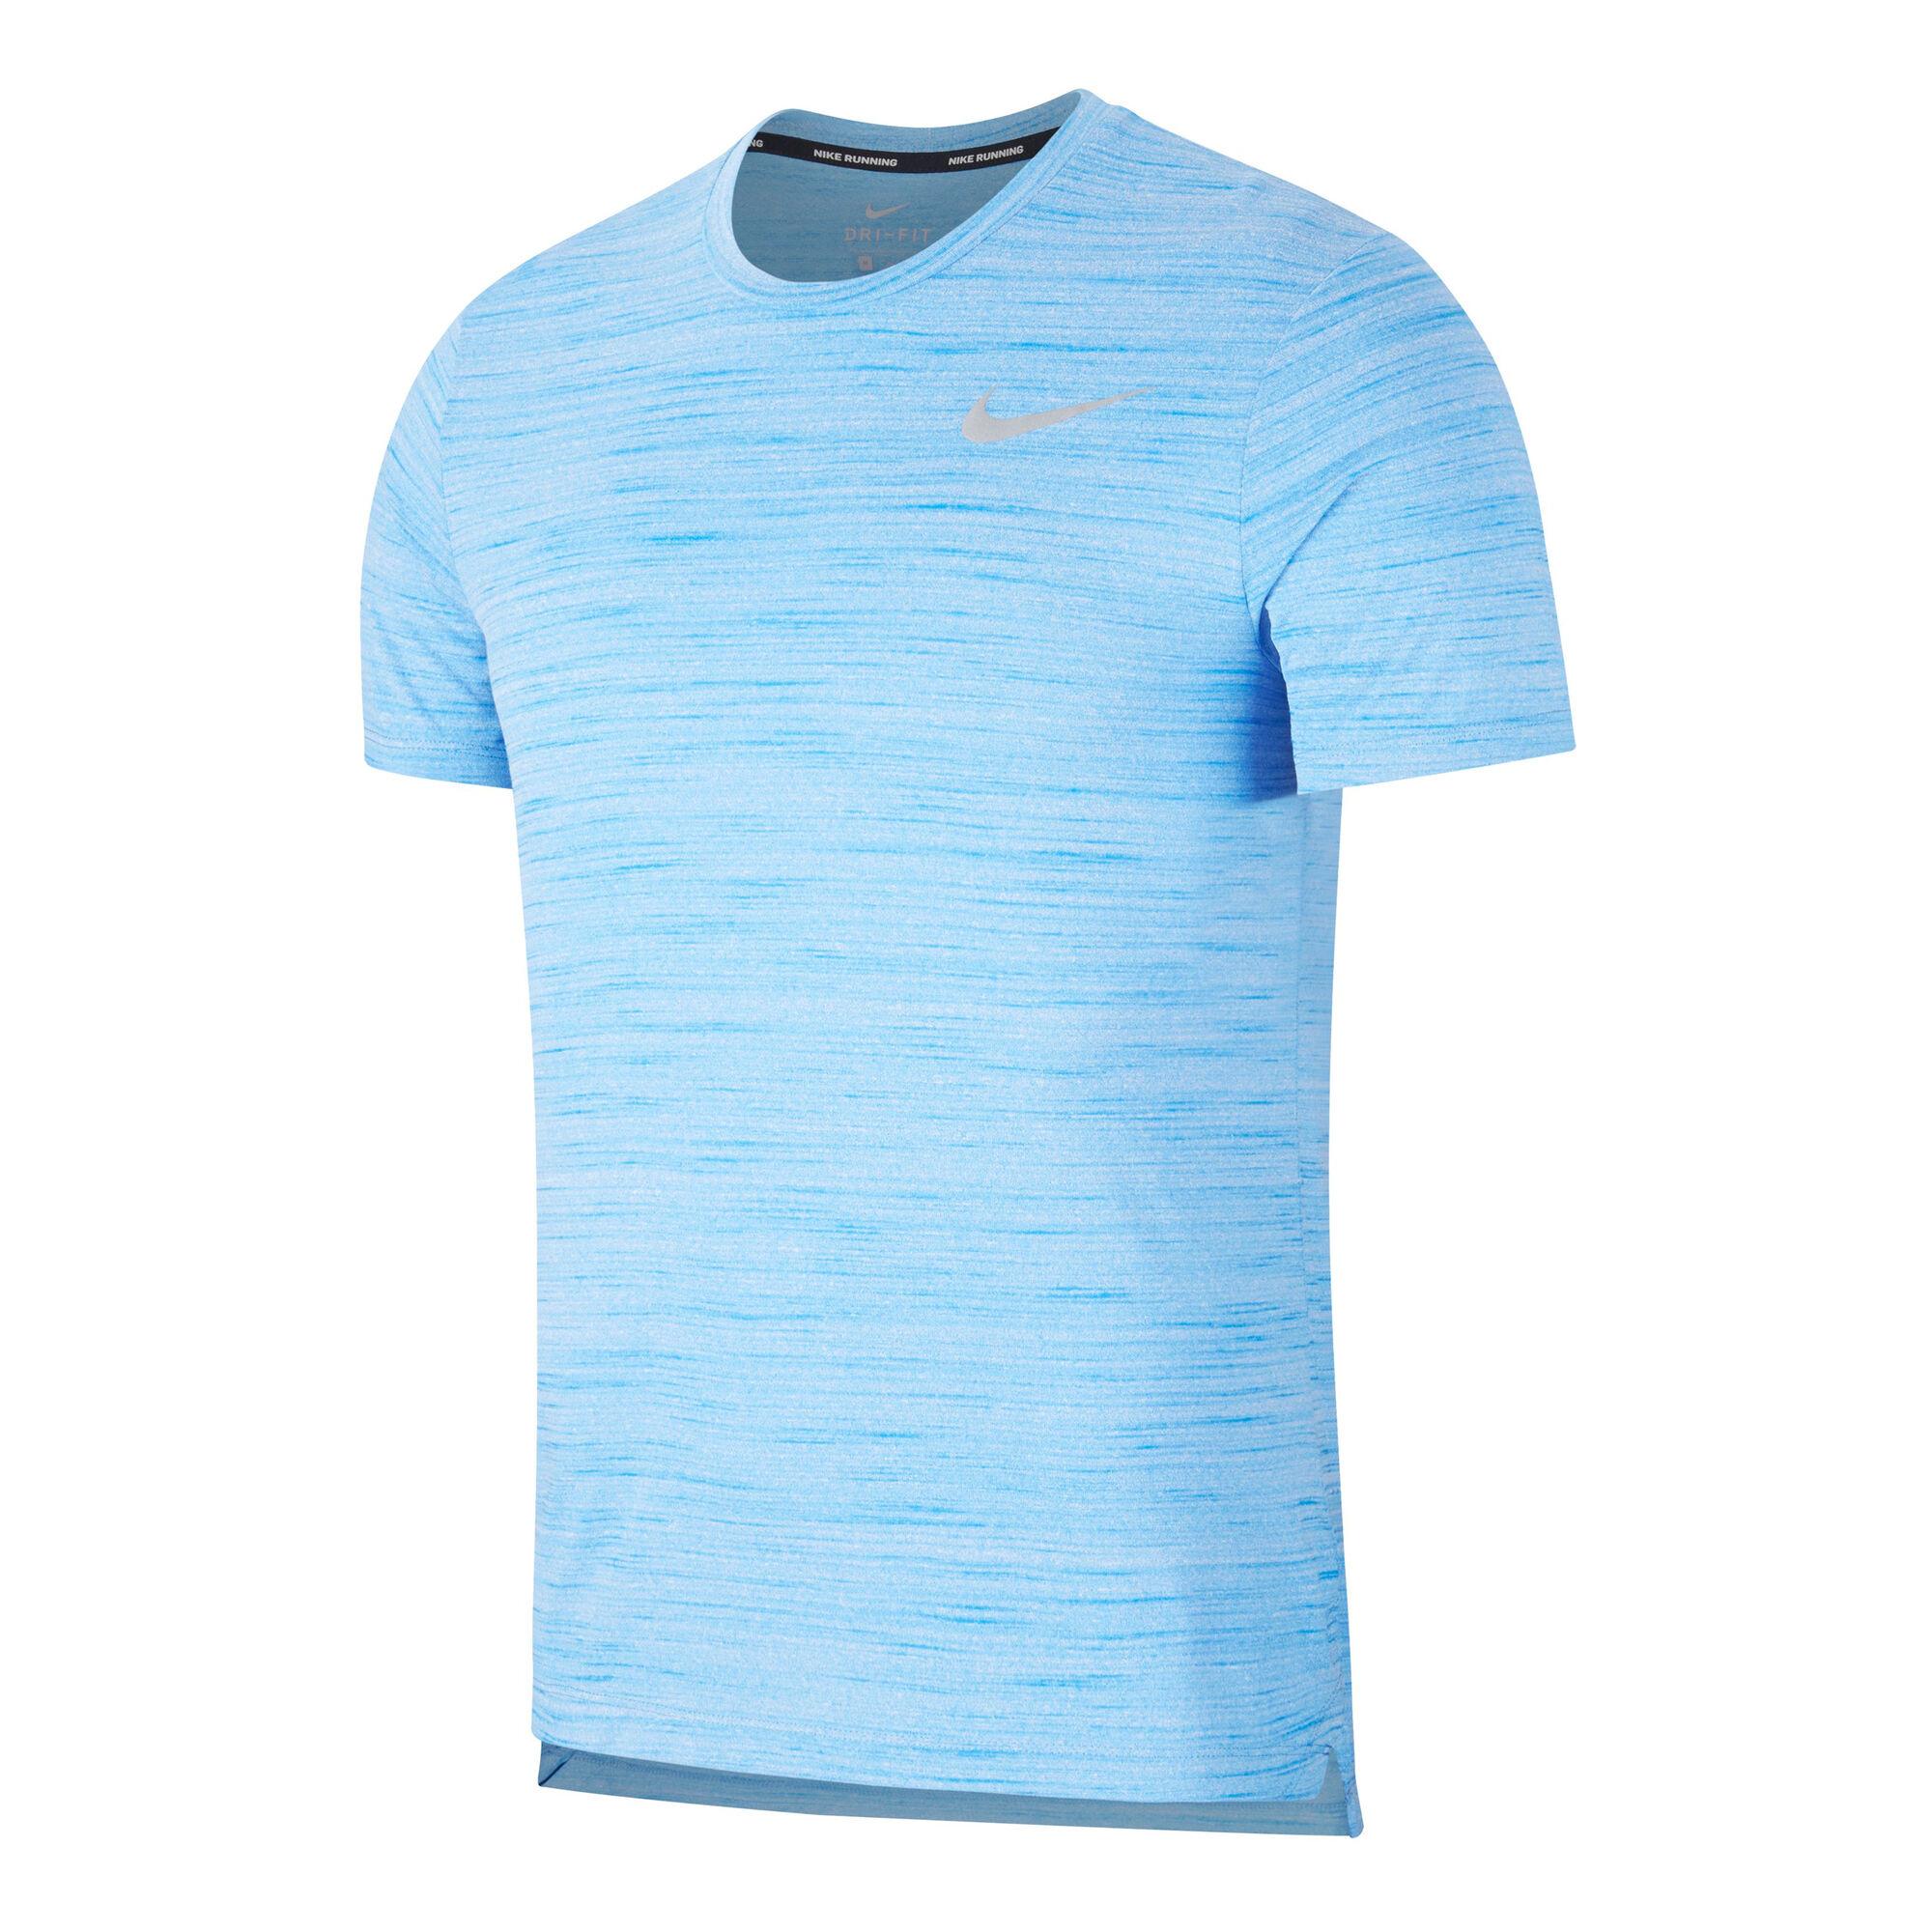 online store 529b4 27b8e Nike · Nike · Nike · Nike